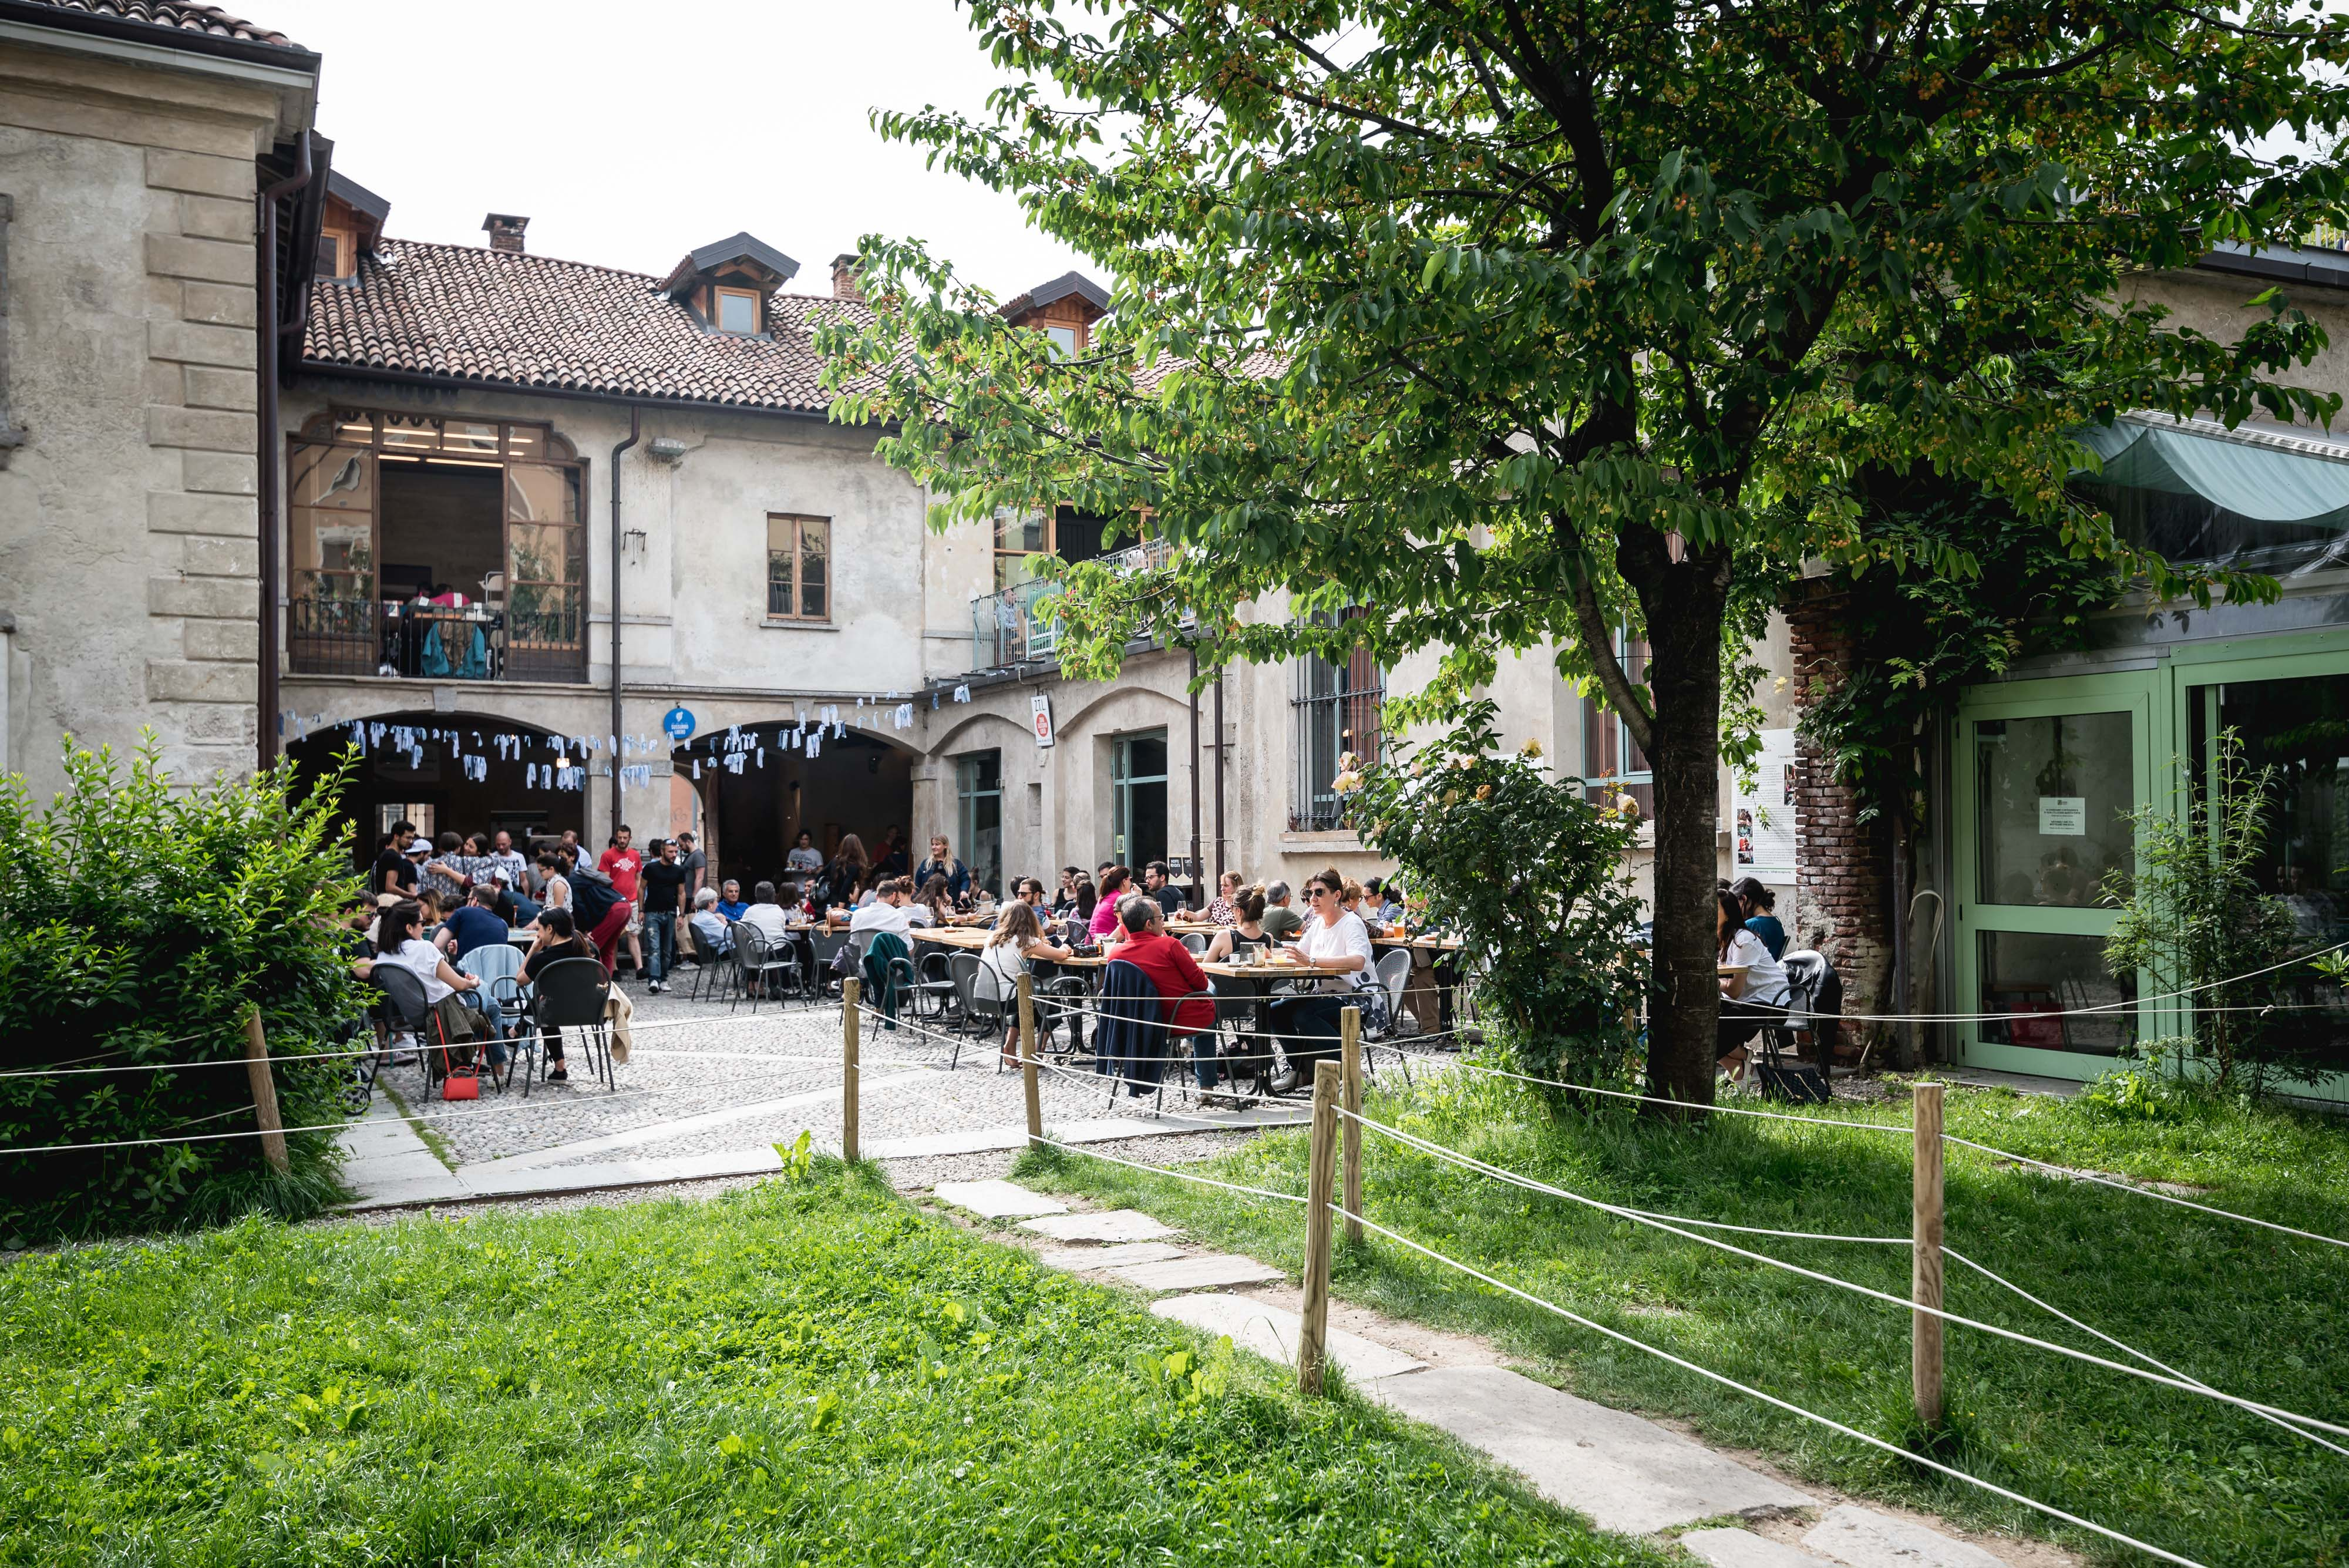 Galleria un posto a milano for La cascina cuccagna milano